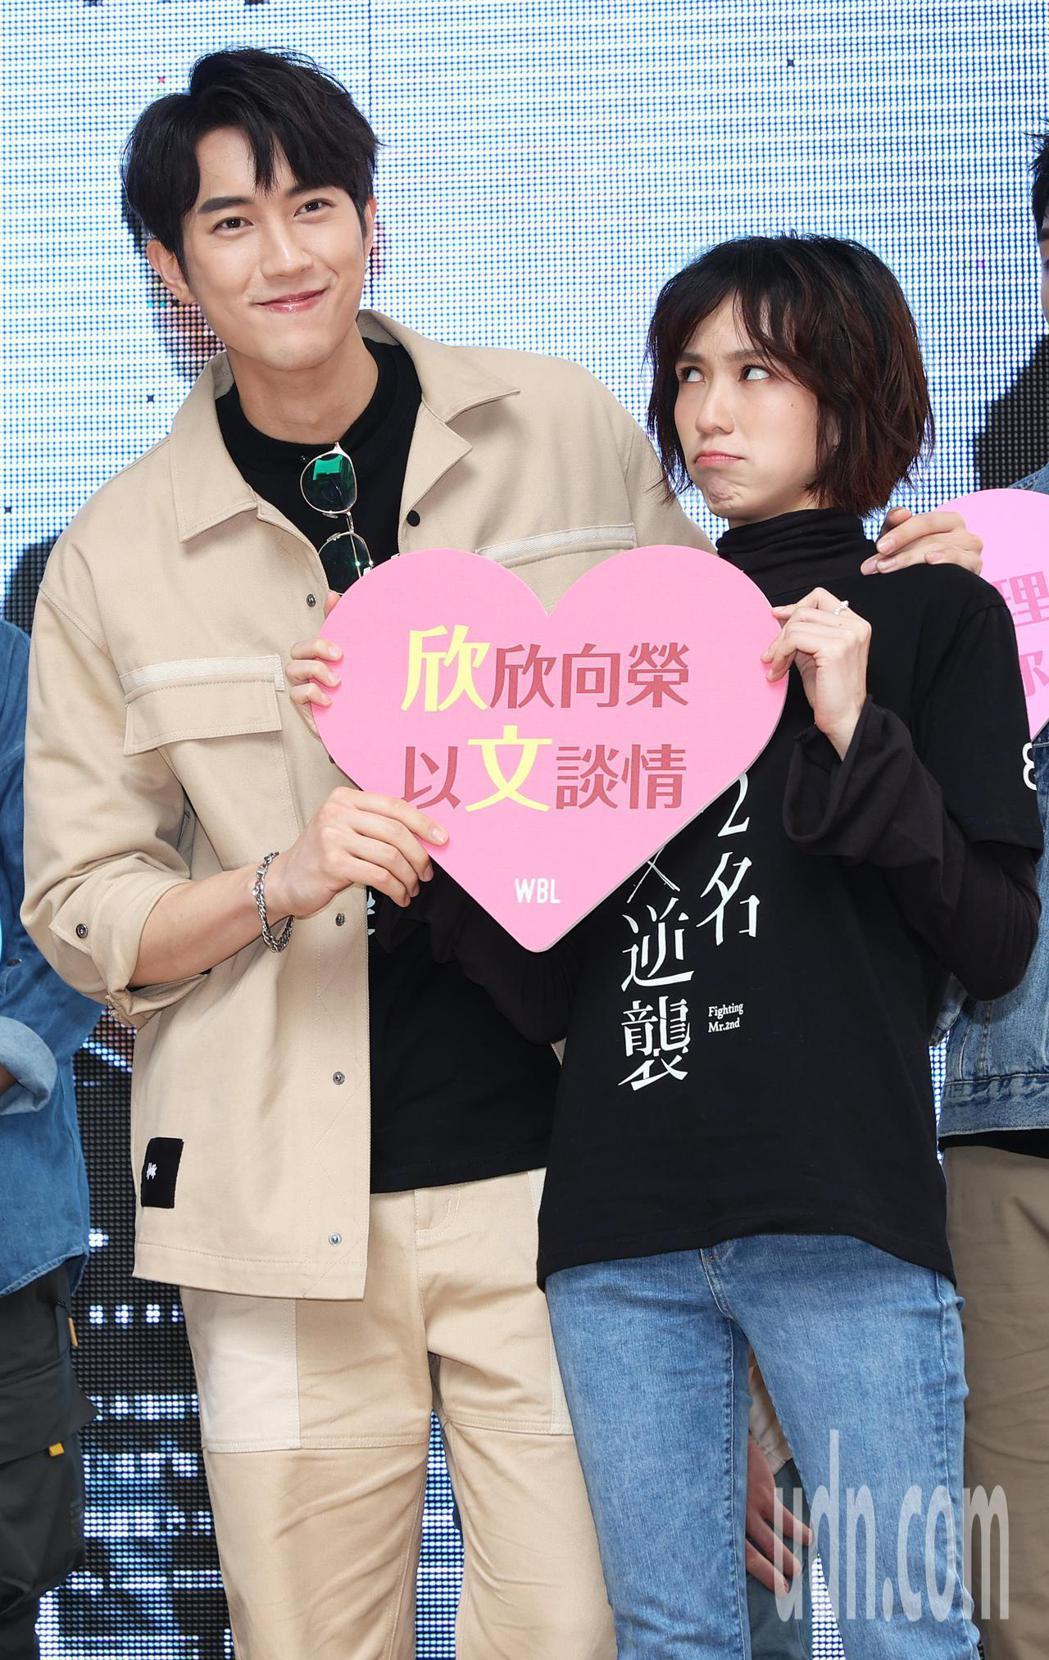 「第二名的逆襲」影集主要演員范姜彥豐(左)與辛樂兒(右)今天與粉絲見面。記者潘俊...